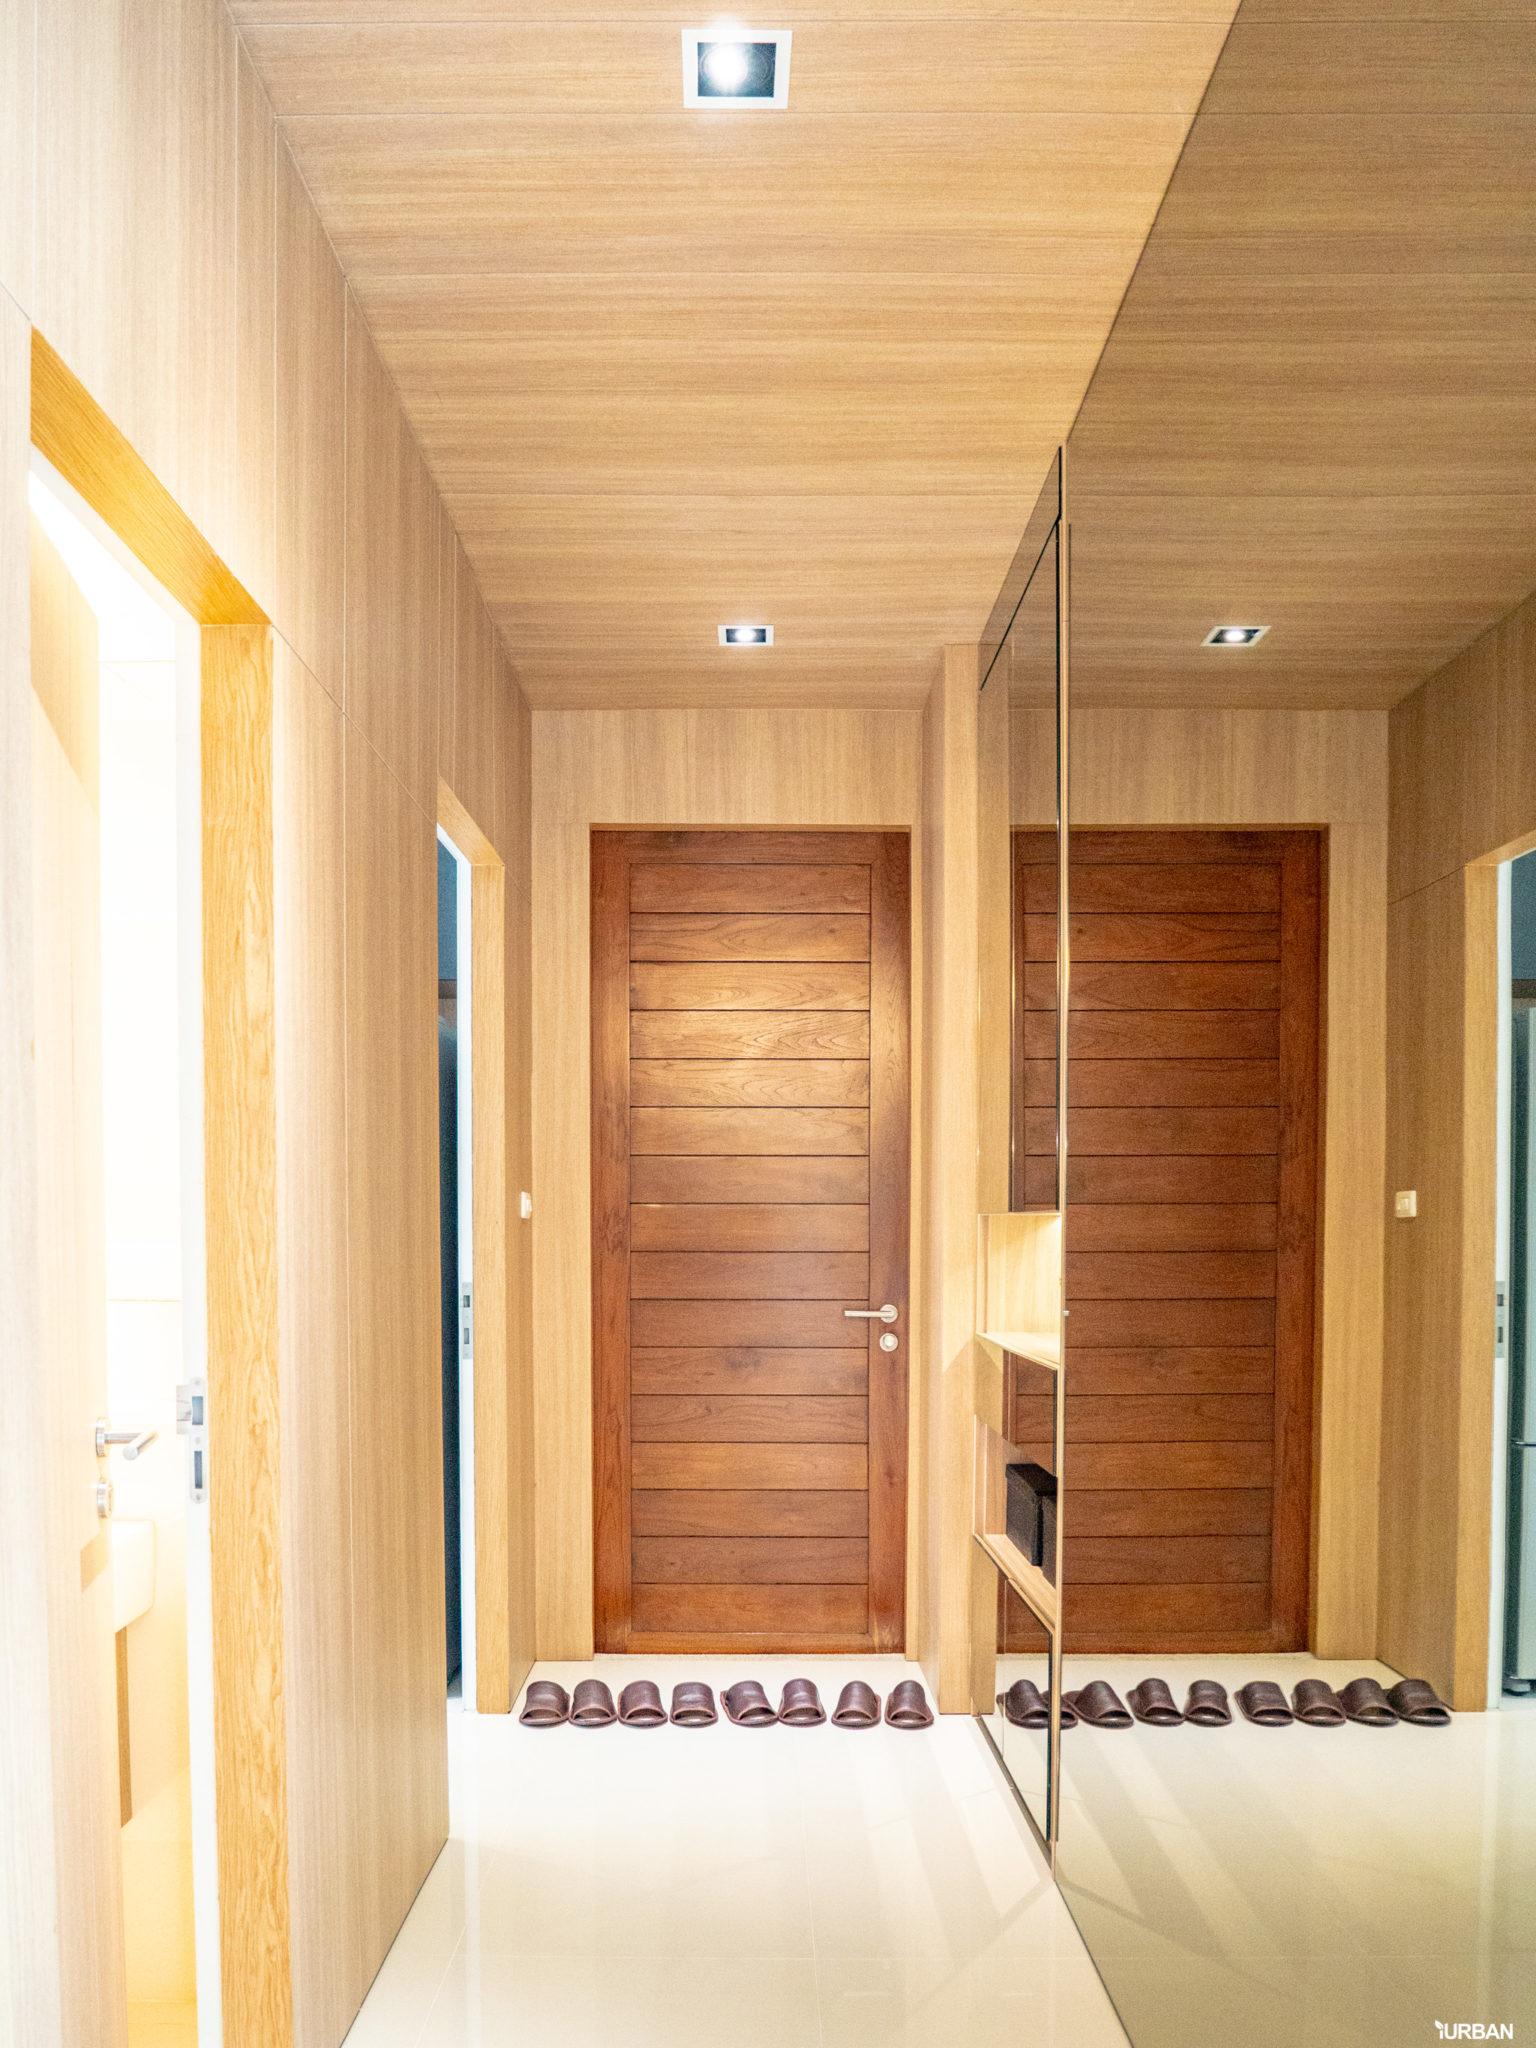 รีวิว บารานี พาร์ค ศรีนครินทร์-ร่มเกล้า บ้านสไตล์ Courtyard House ของไทยที่ได้รางวัลสถาปัตยกรรม 77 - Baranee Park